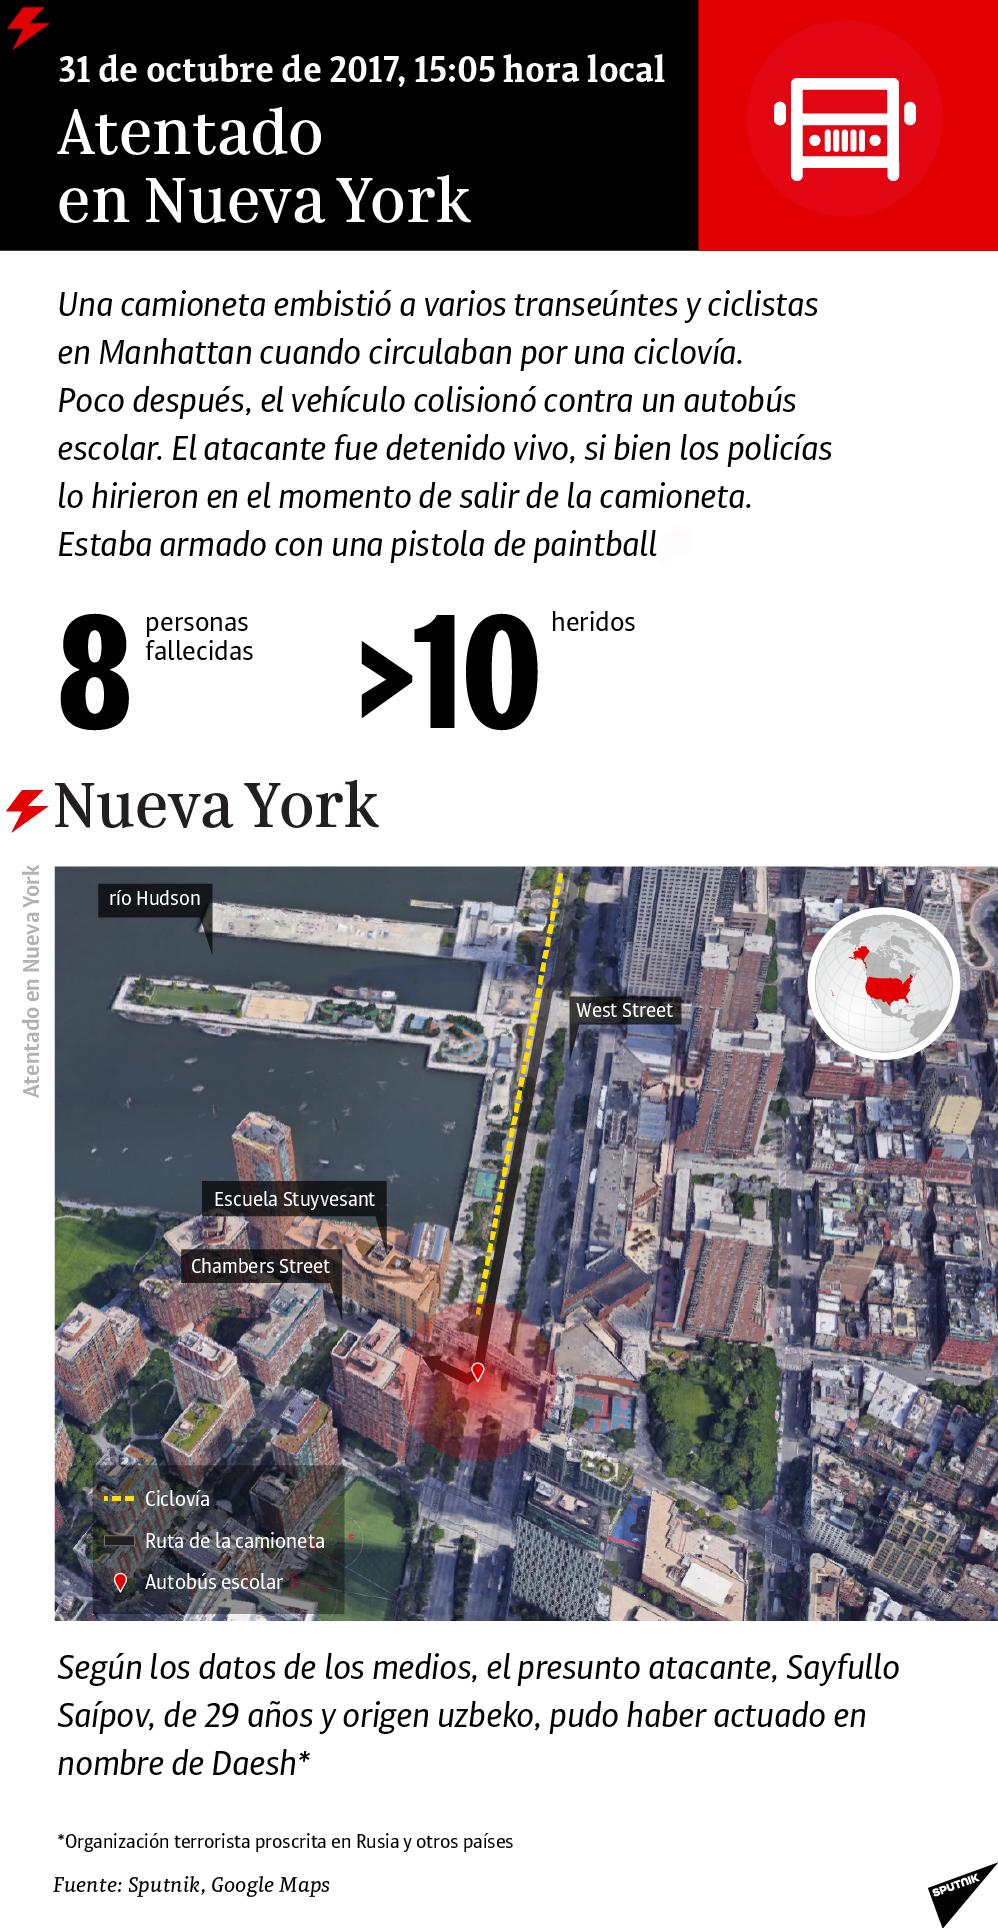 Atentado en Nueva York - Sputnik Mundo